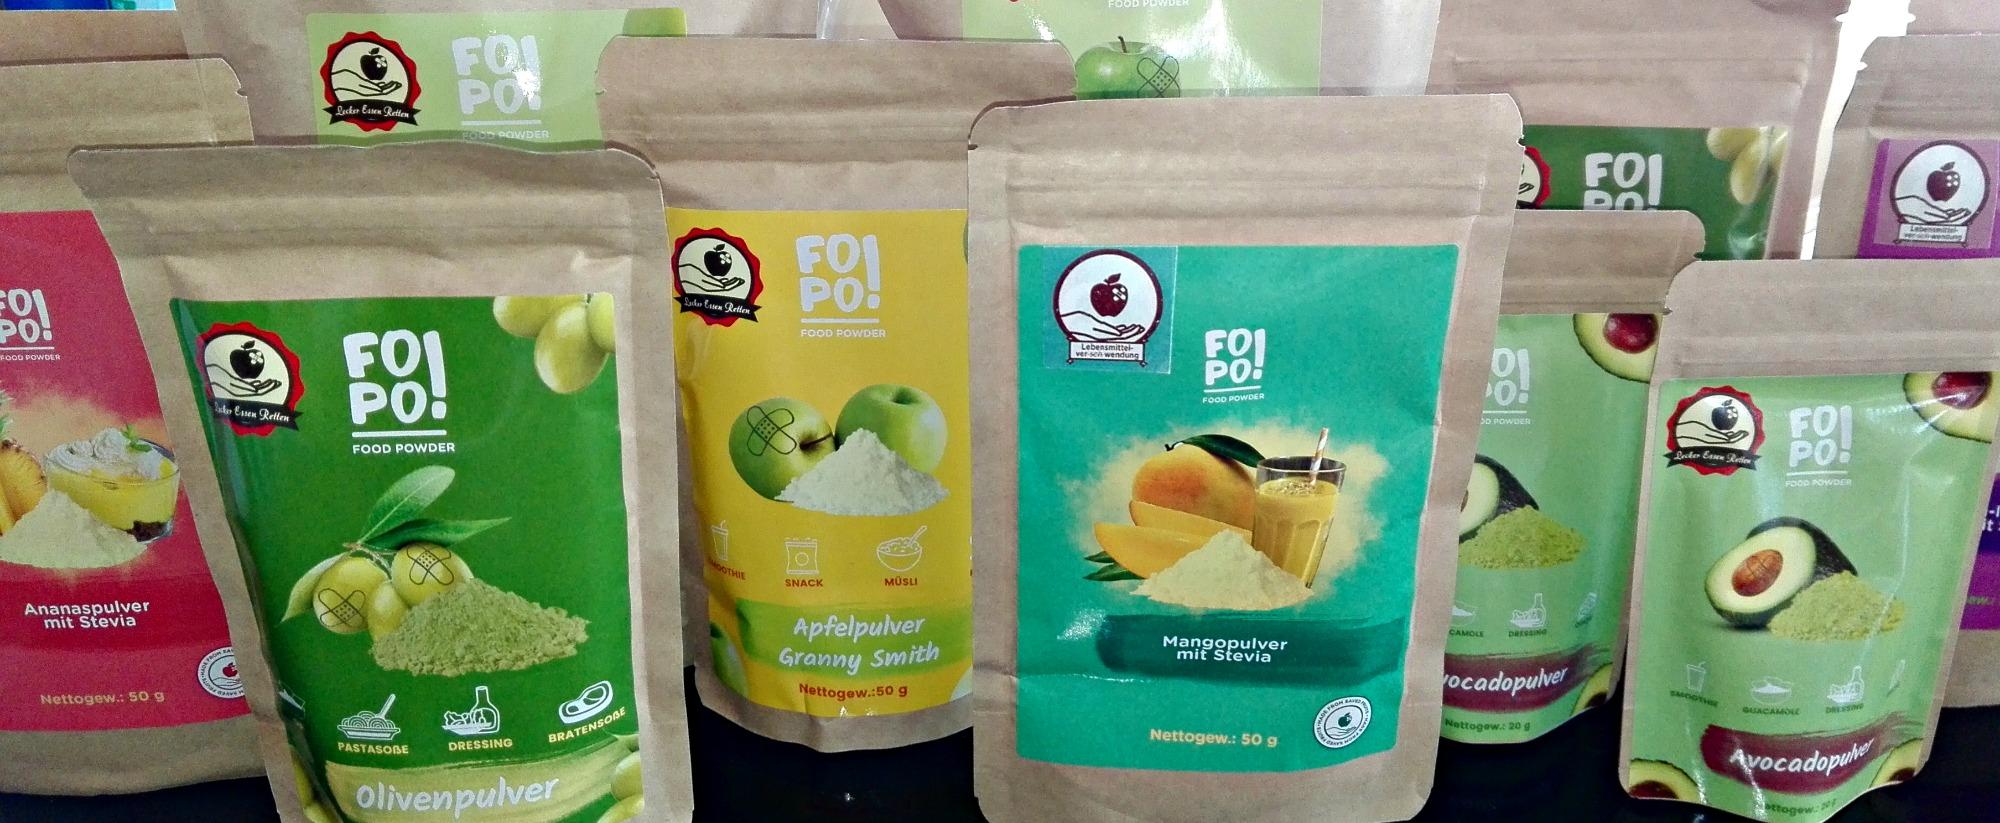 FoPo Fruchtpulver Erfahrung